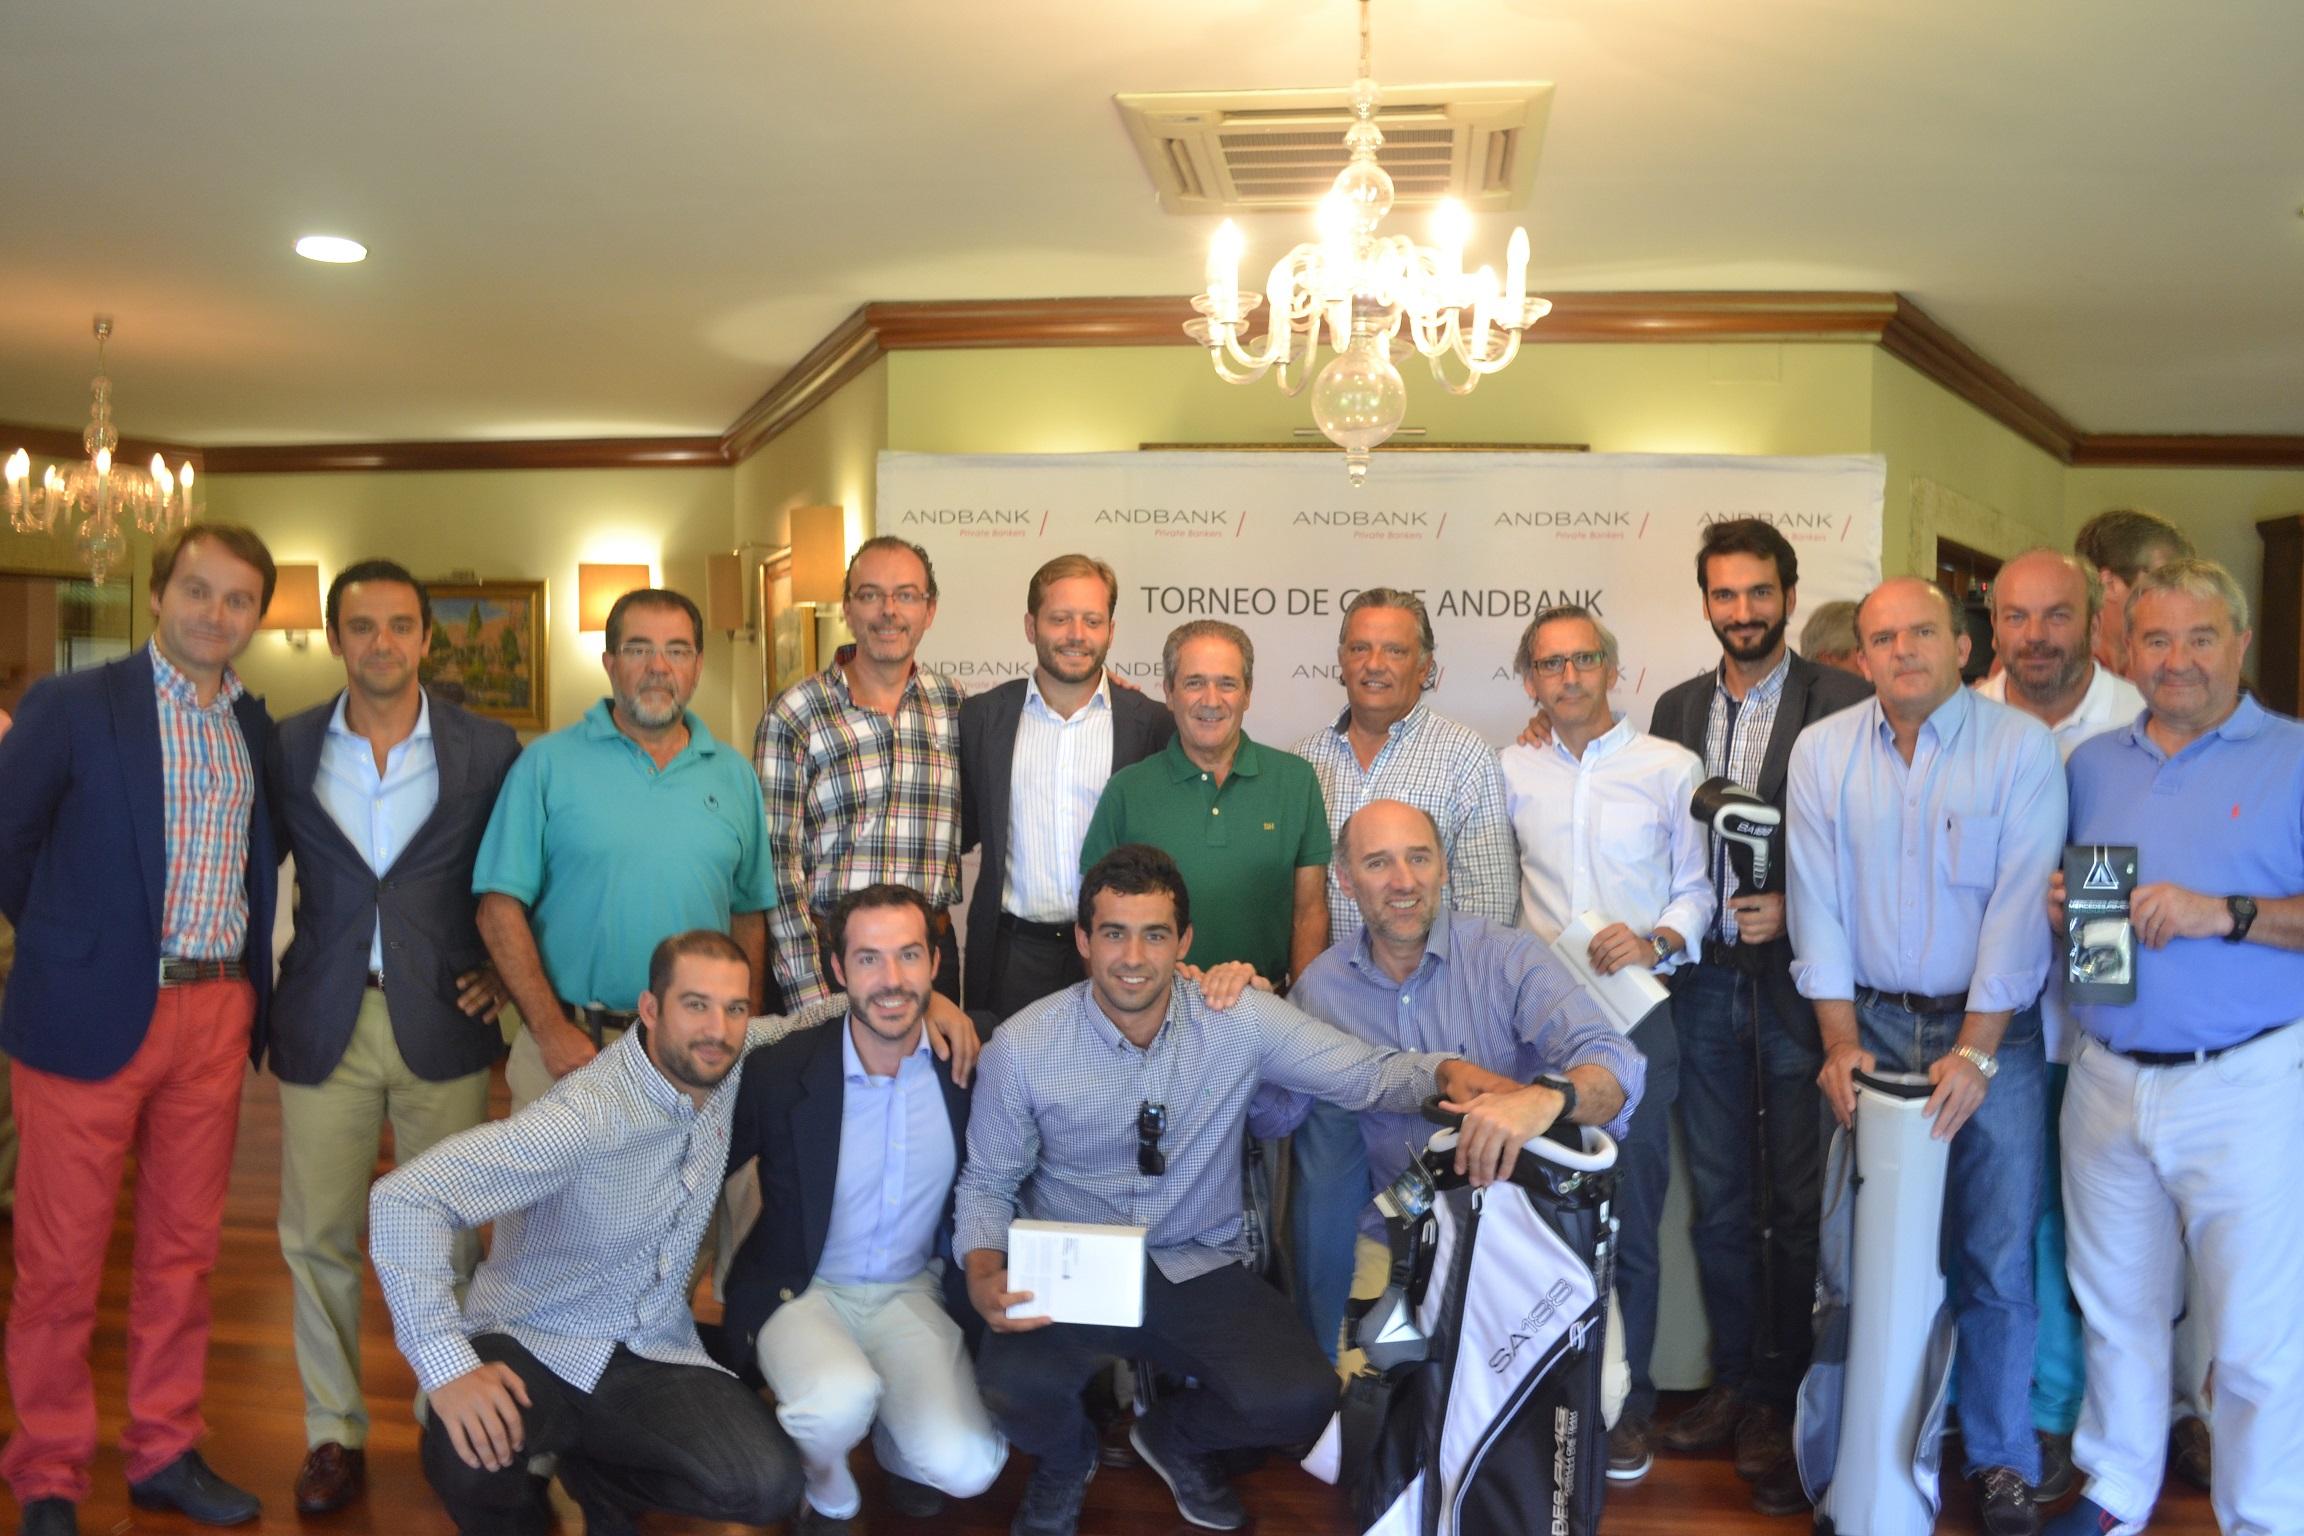 El Torneo de Golf Andbank reúne a cerca de 80 jugadores en  La Coruña